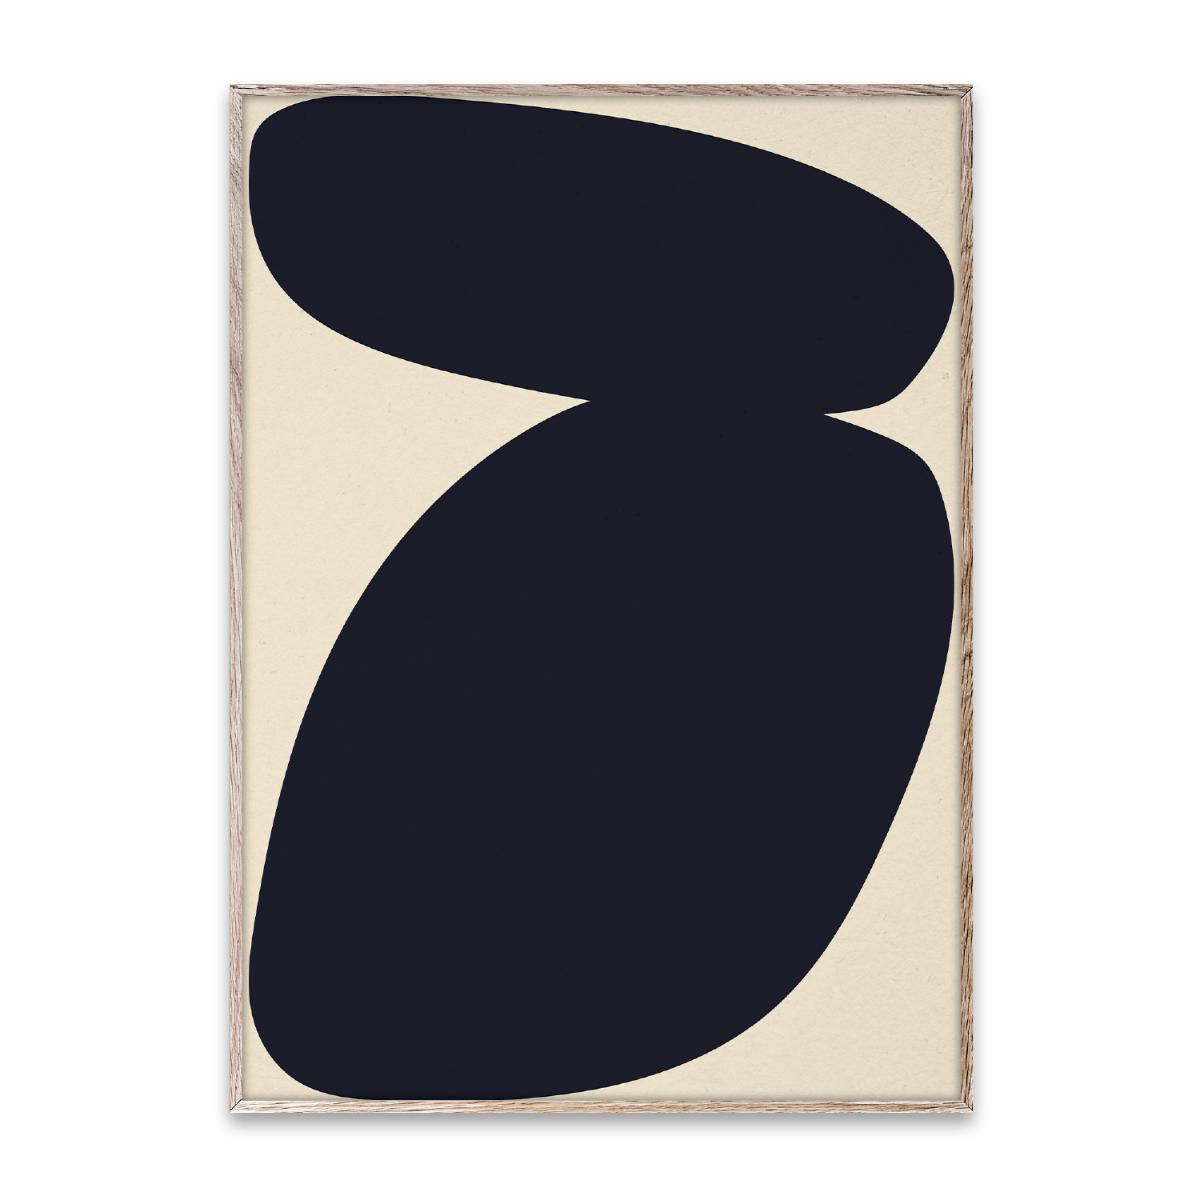 Designtorget Poster Solid Shapes 03 30x40 cm